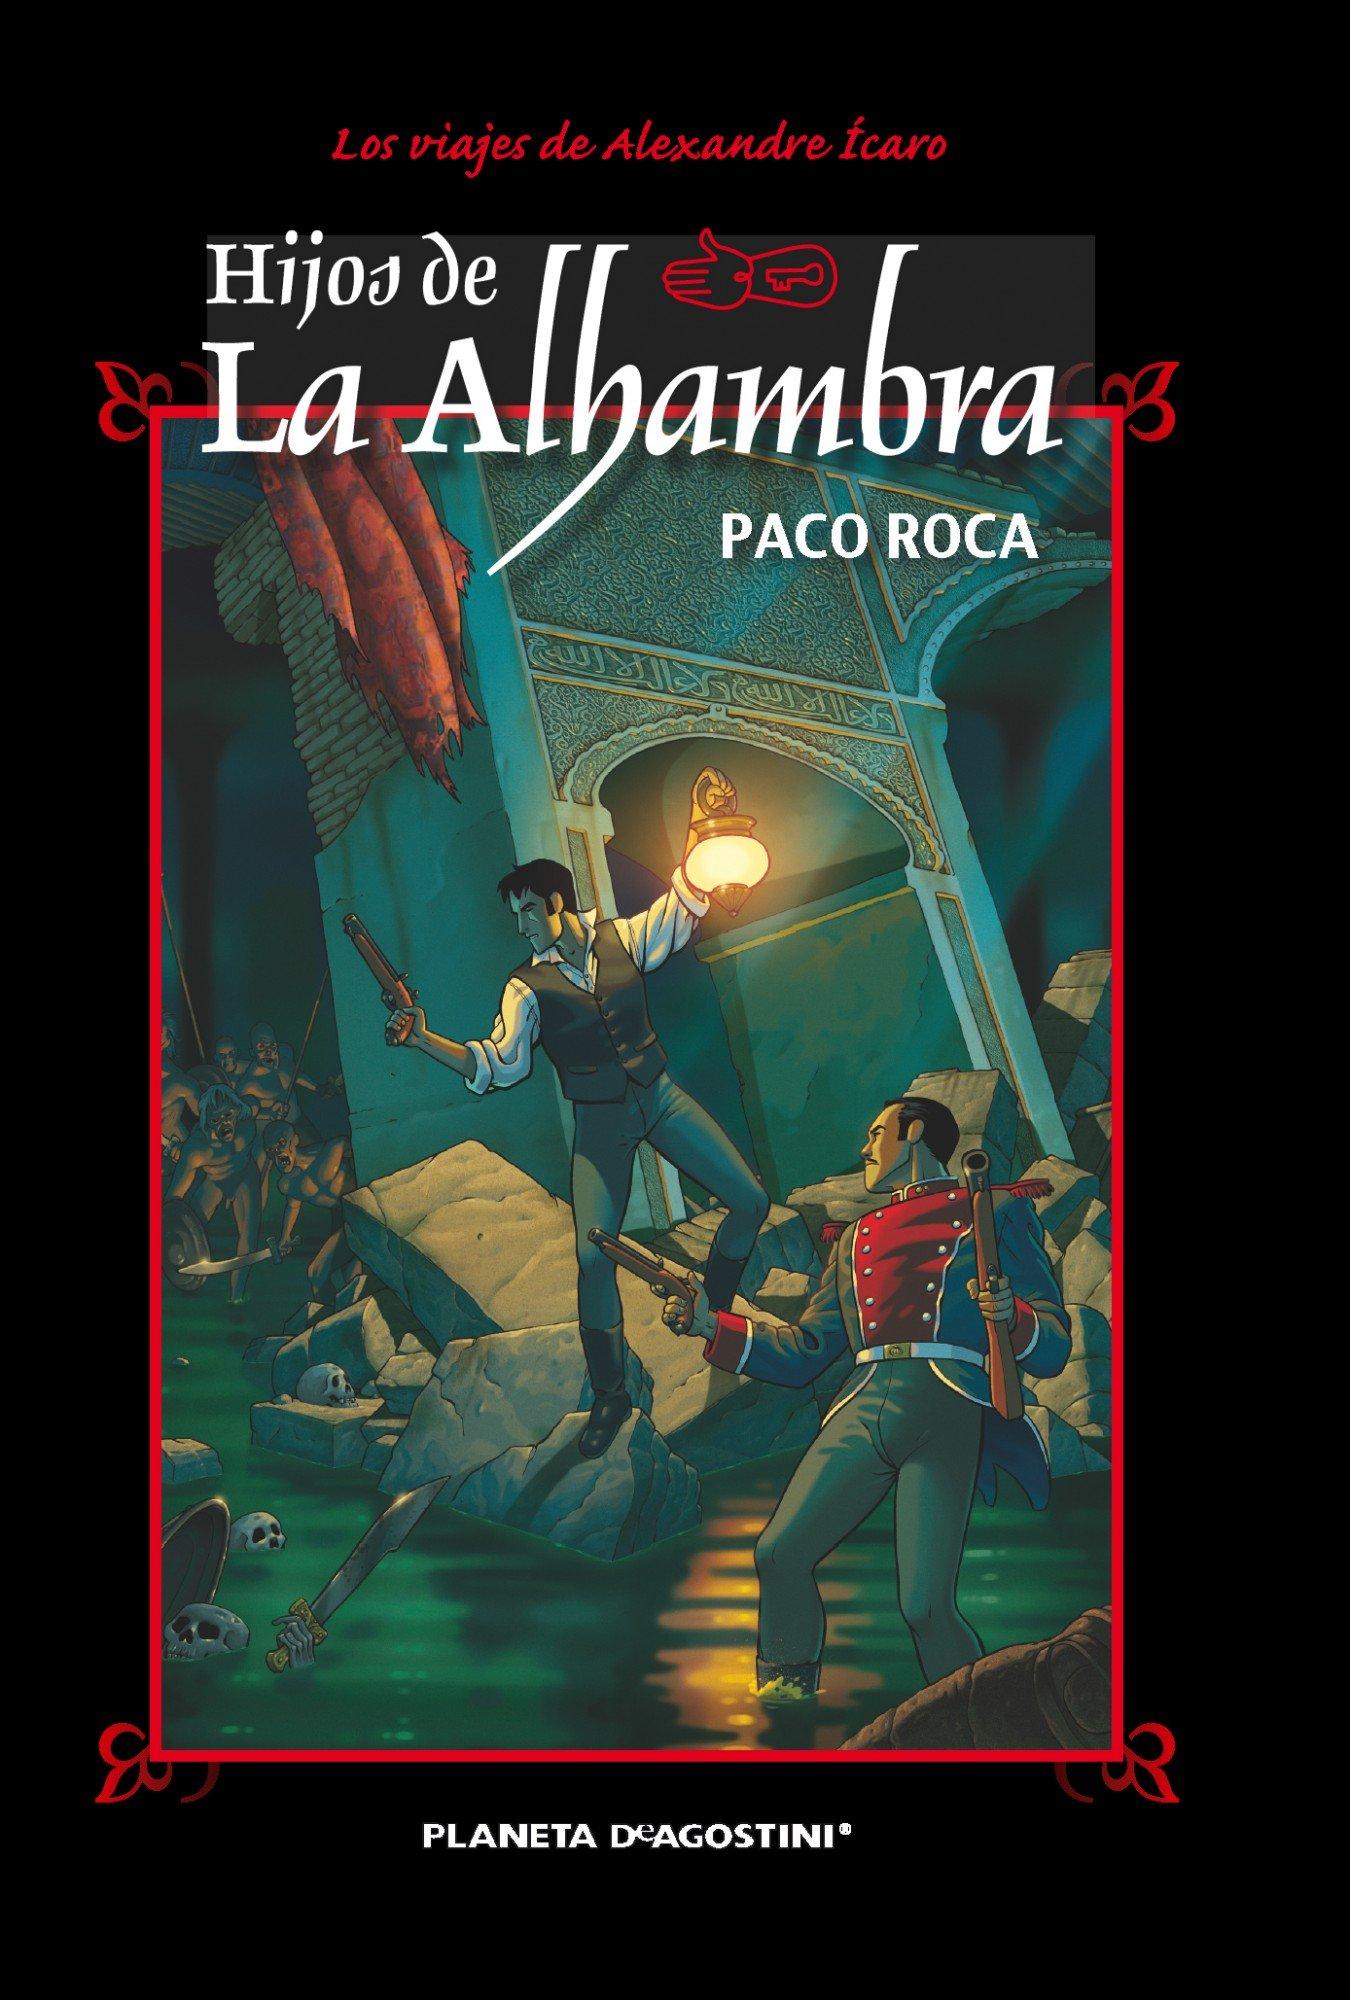 Hijos de la Alhambra Nueva edición : Aventuras de Alexander Ícaro Cómics Españoles: Amazon.es: Paco Roca, Traductores varios: Libros